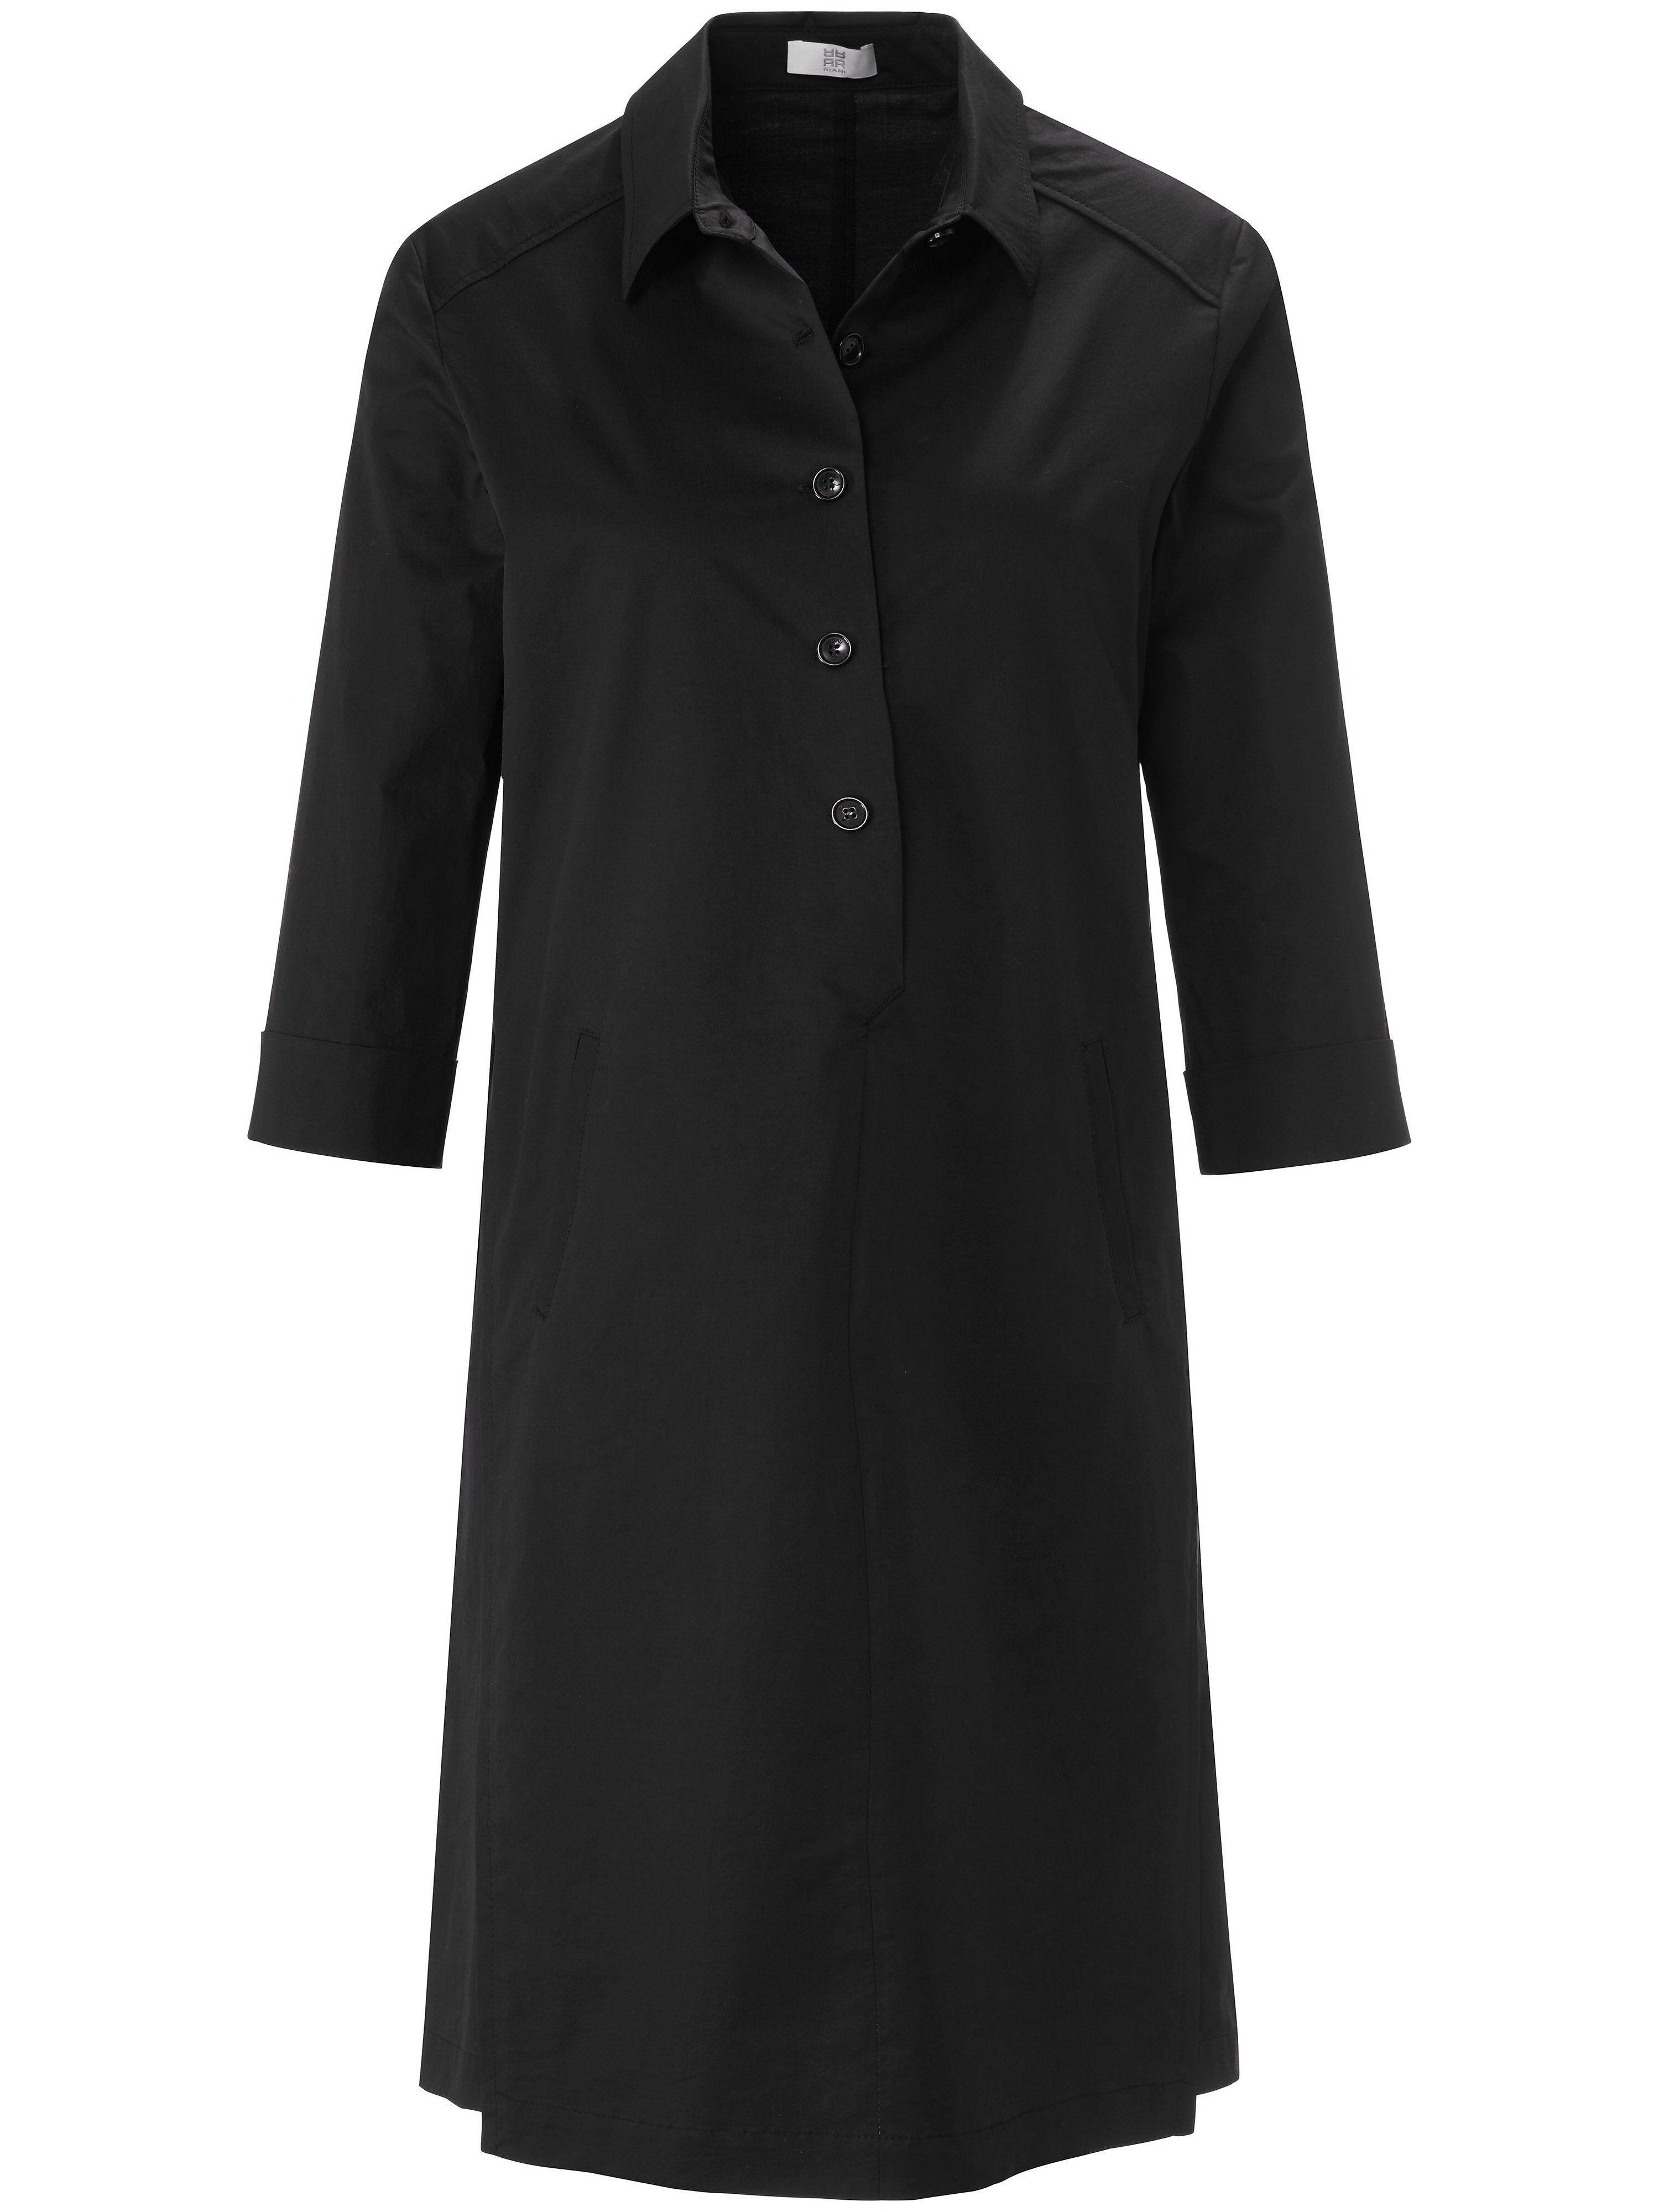 Riani La robe ligne chemisier manches 3/4  Riani noir  - Femme - 38